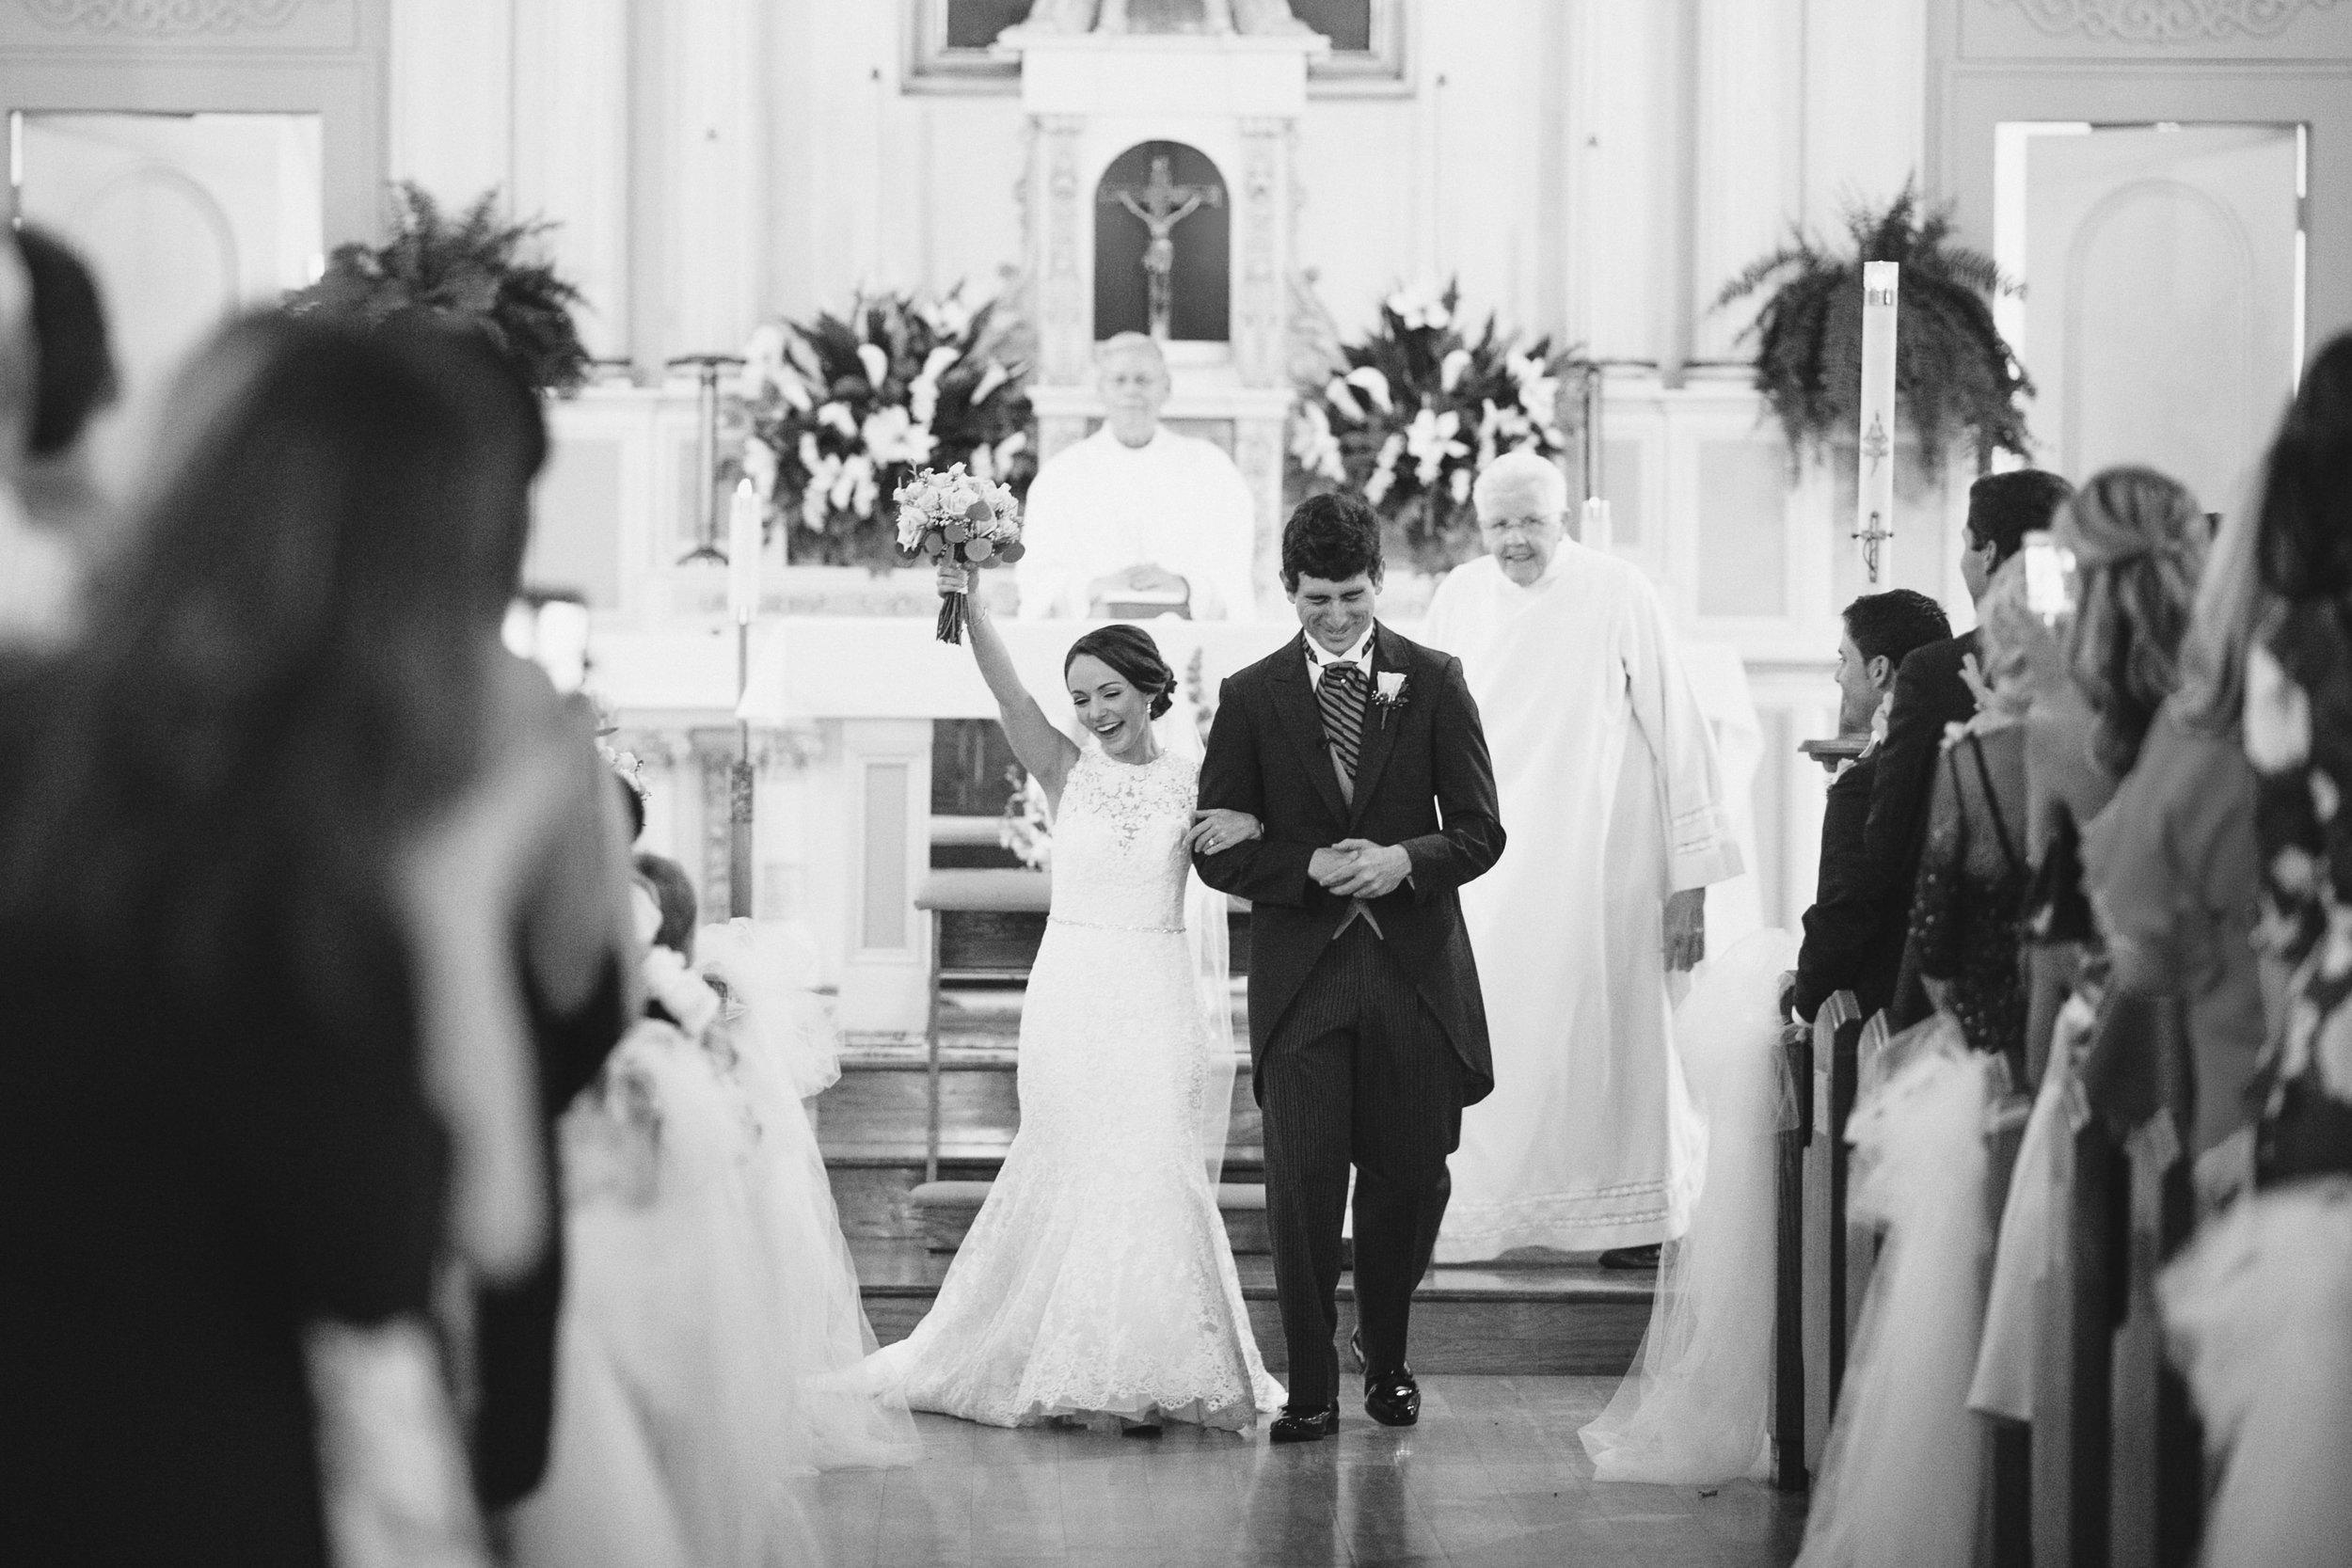 Ducote_Naccari_wedding_0442bw.jpg